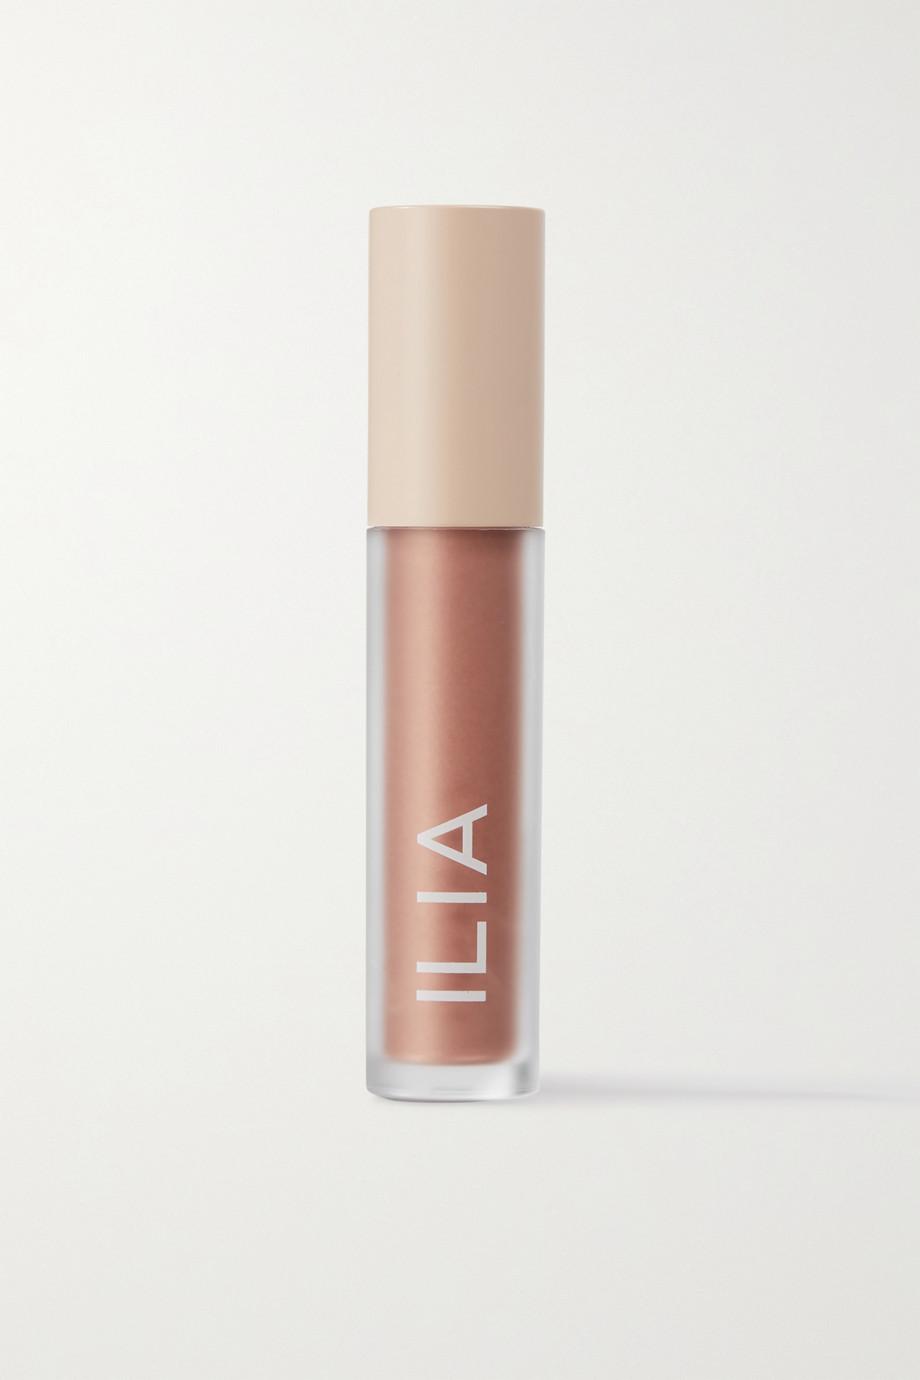 Ilia Liquid Powder Chromatic Eye Tint – Mythic – Flüssiger Lidschatten